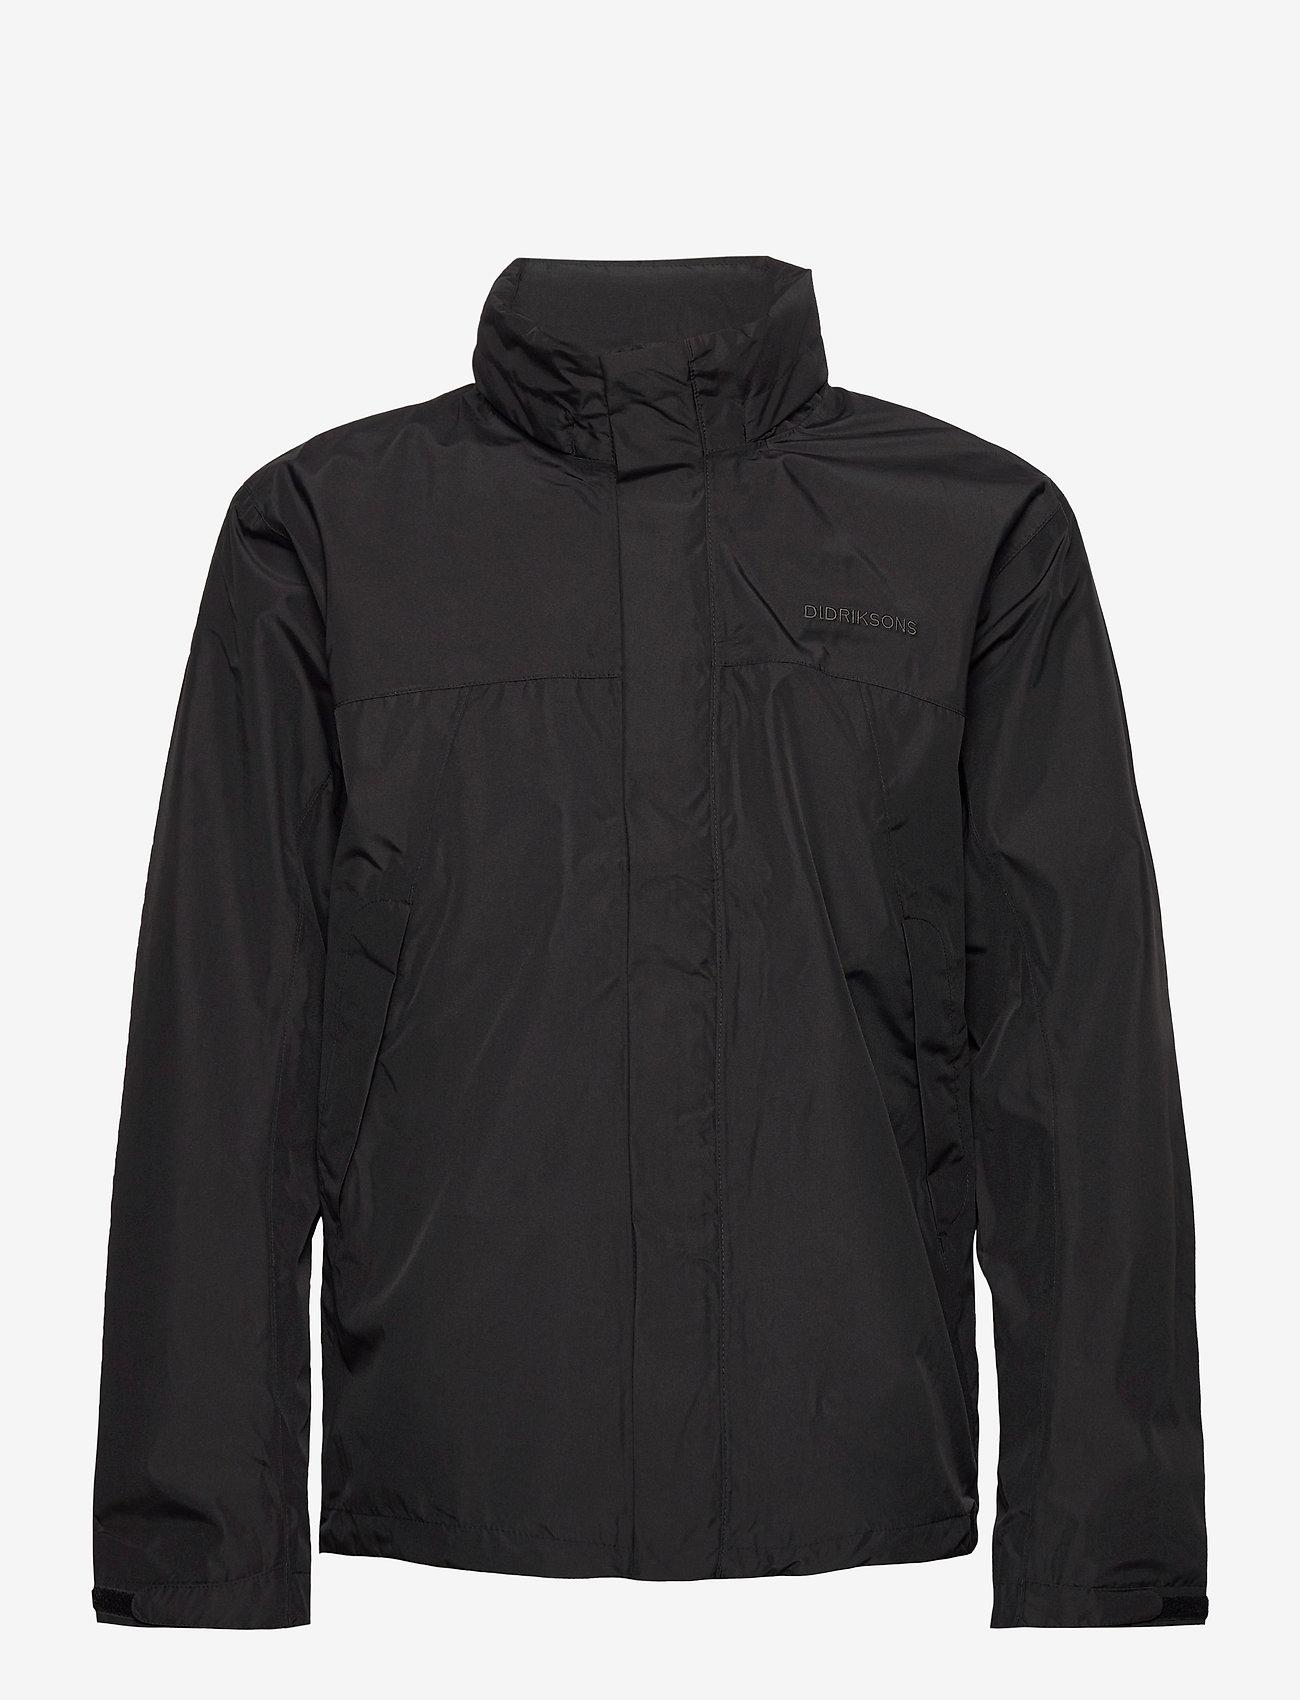 Didriksons - GRAND USX JKT - manteaux de pluie - black - 1